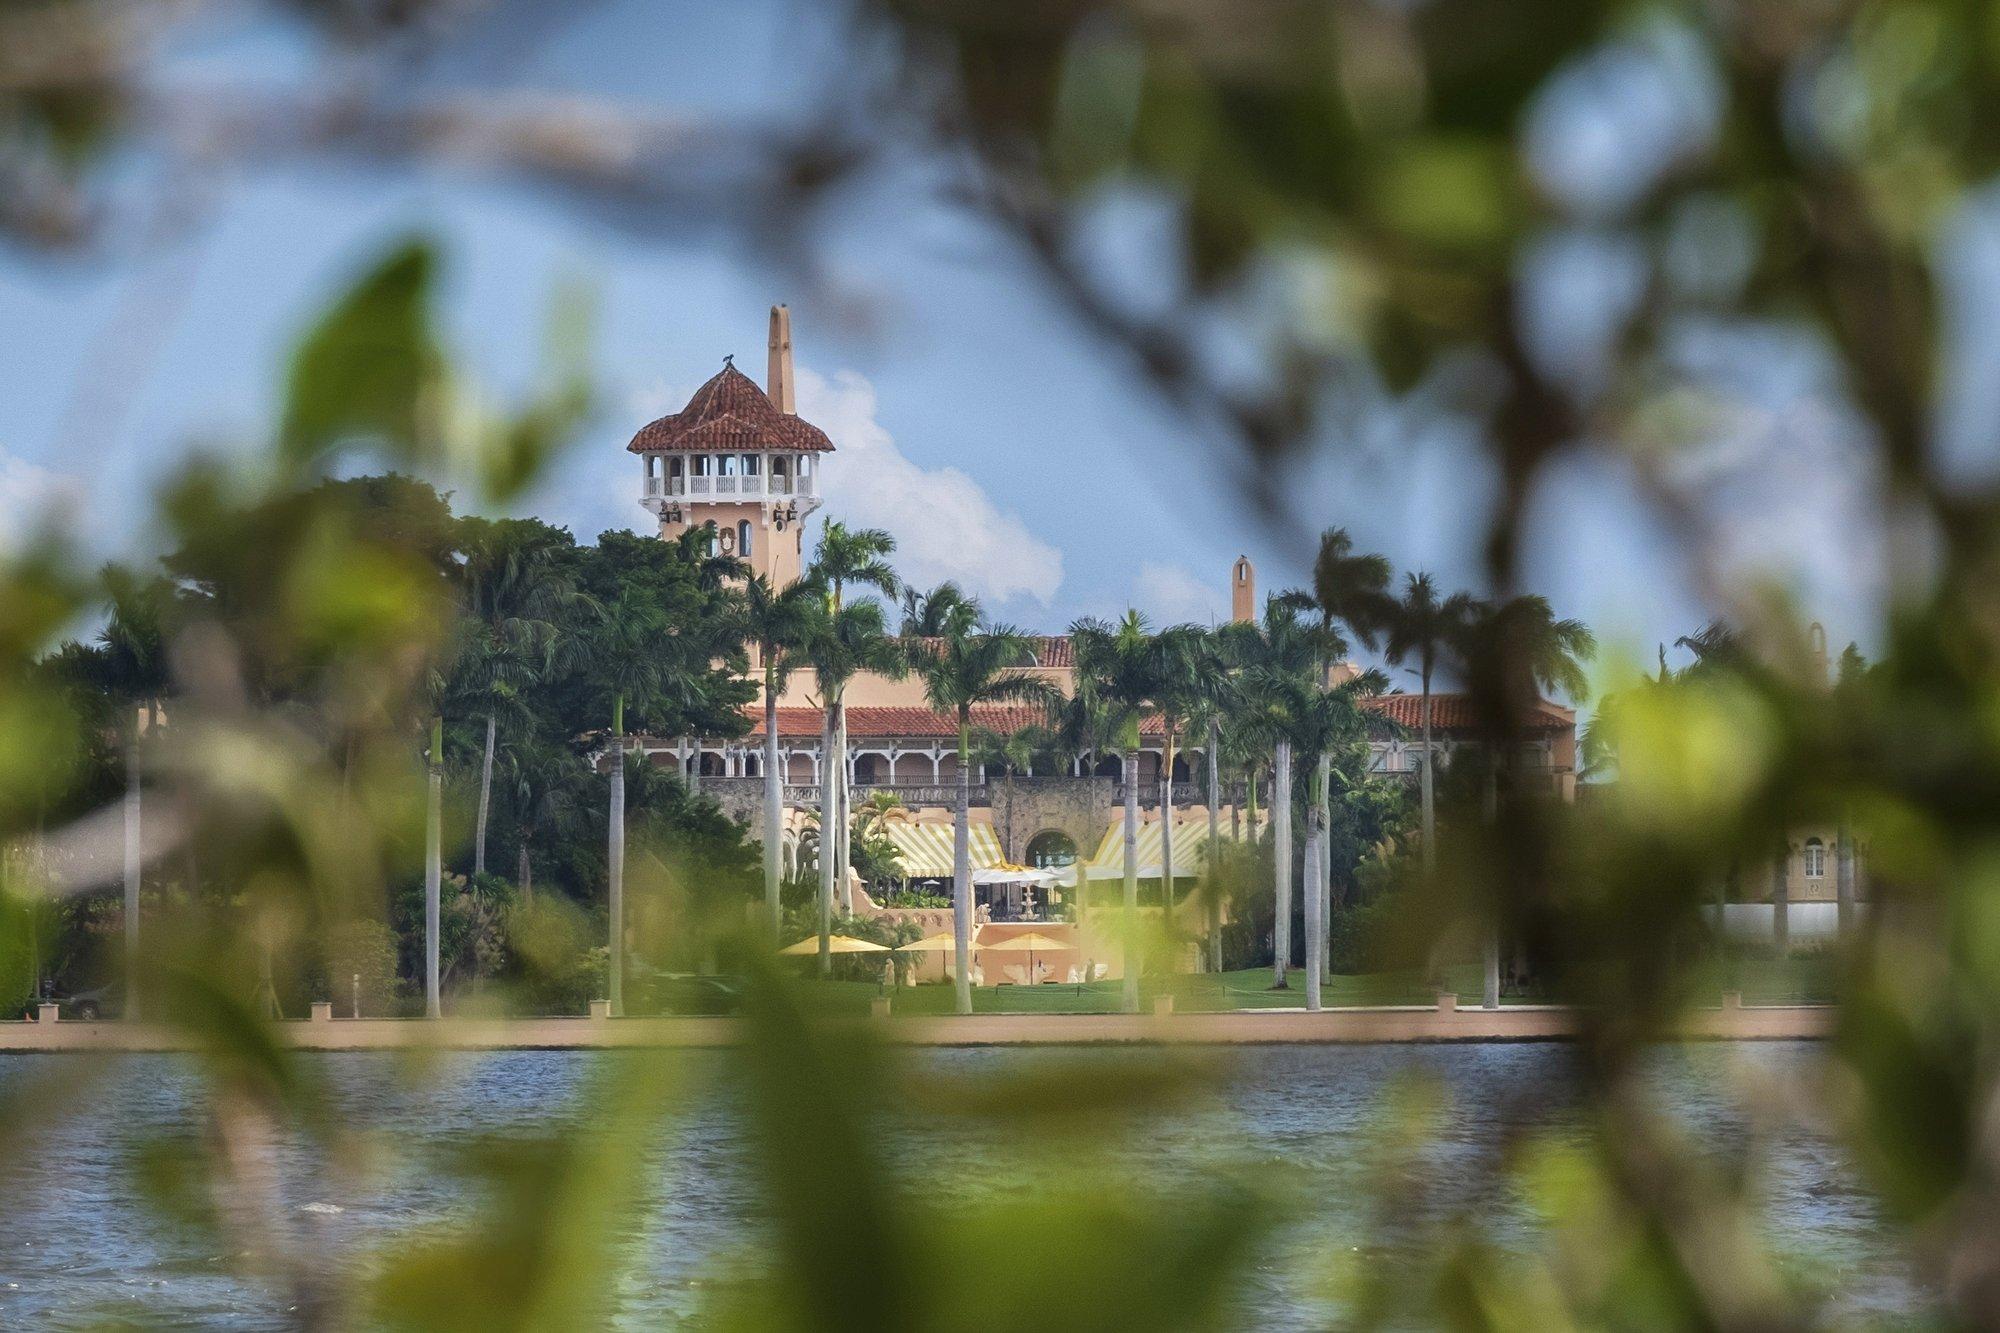 Mar-a-Lago arrest spotlights security risks at Trump estate